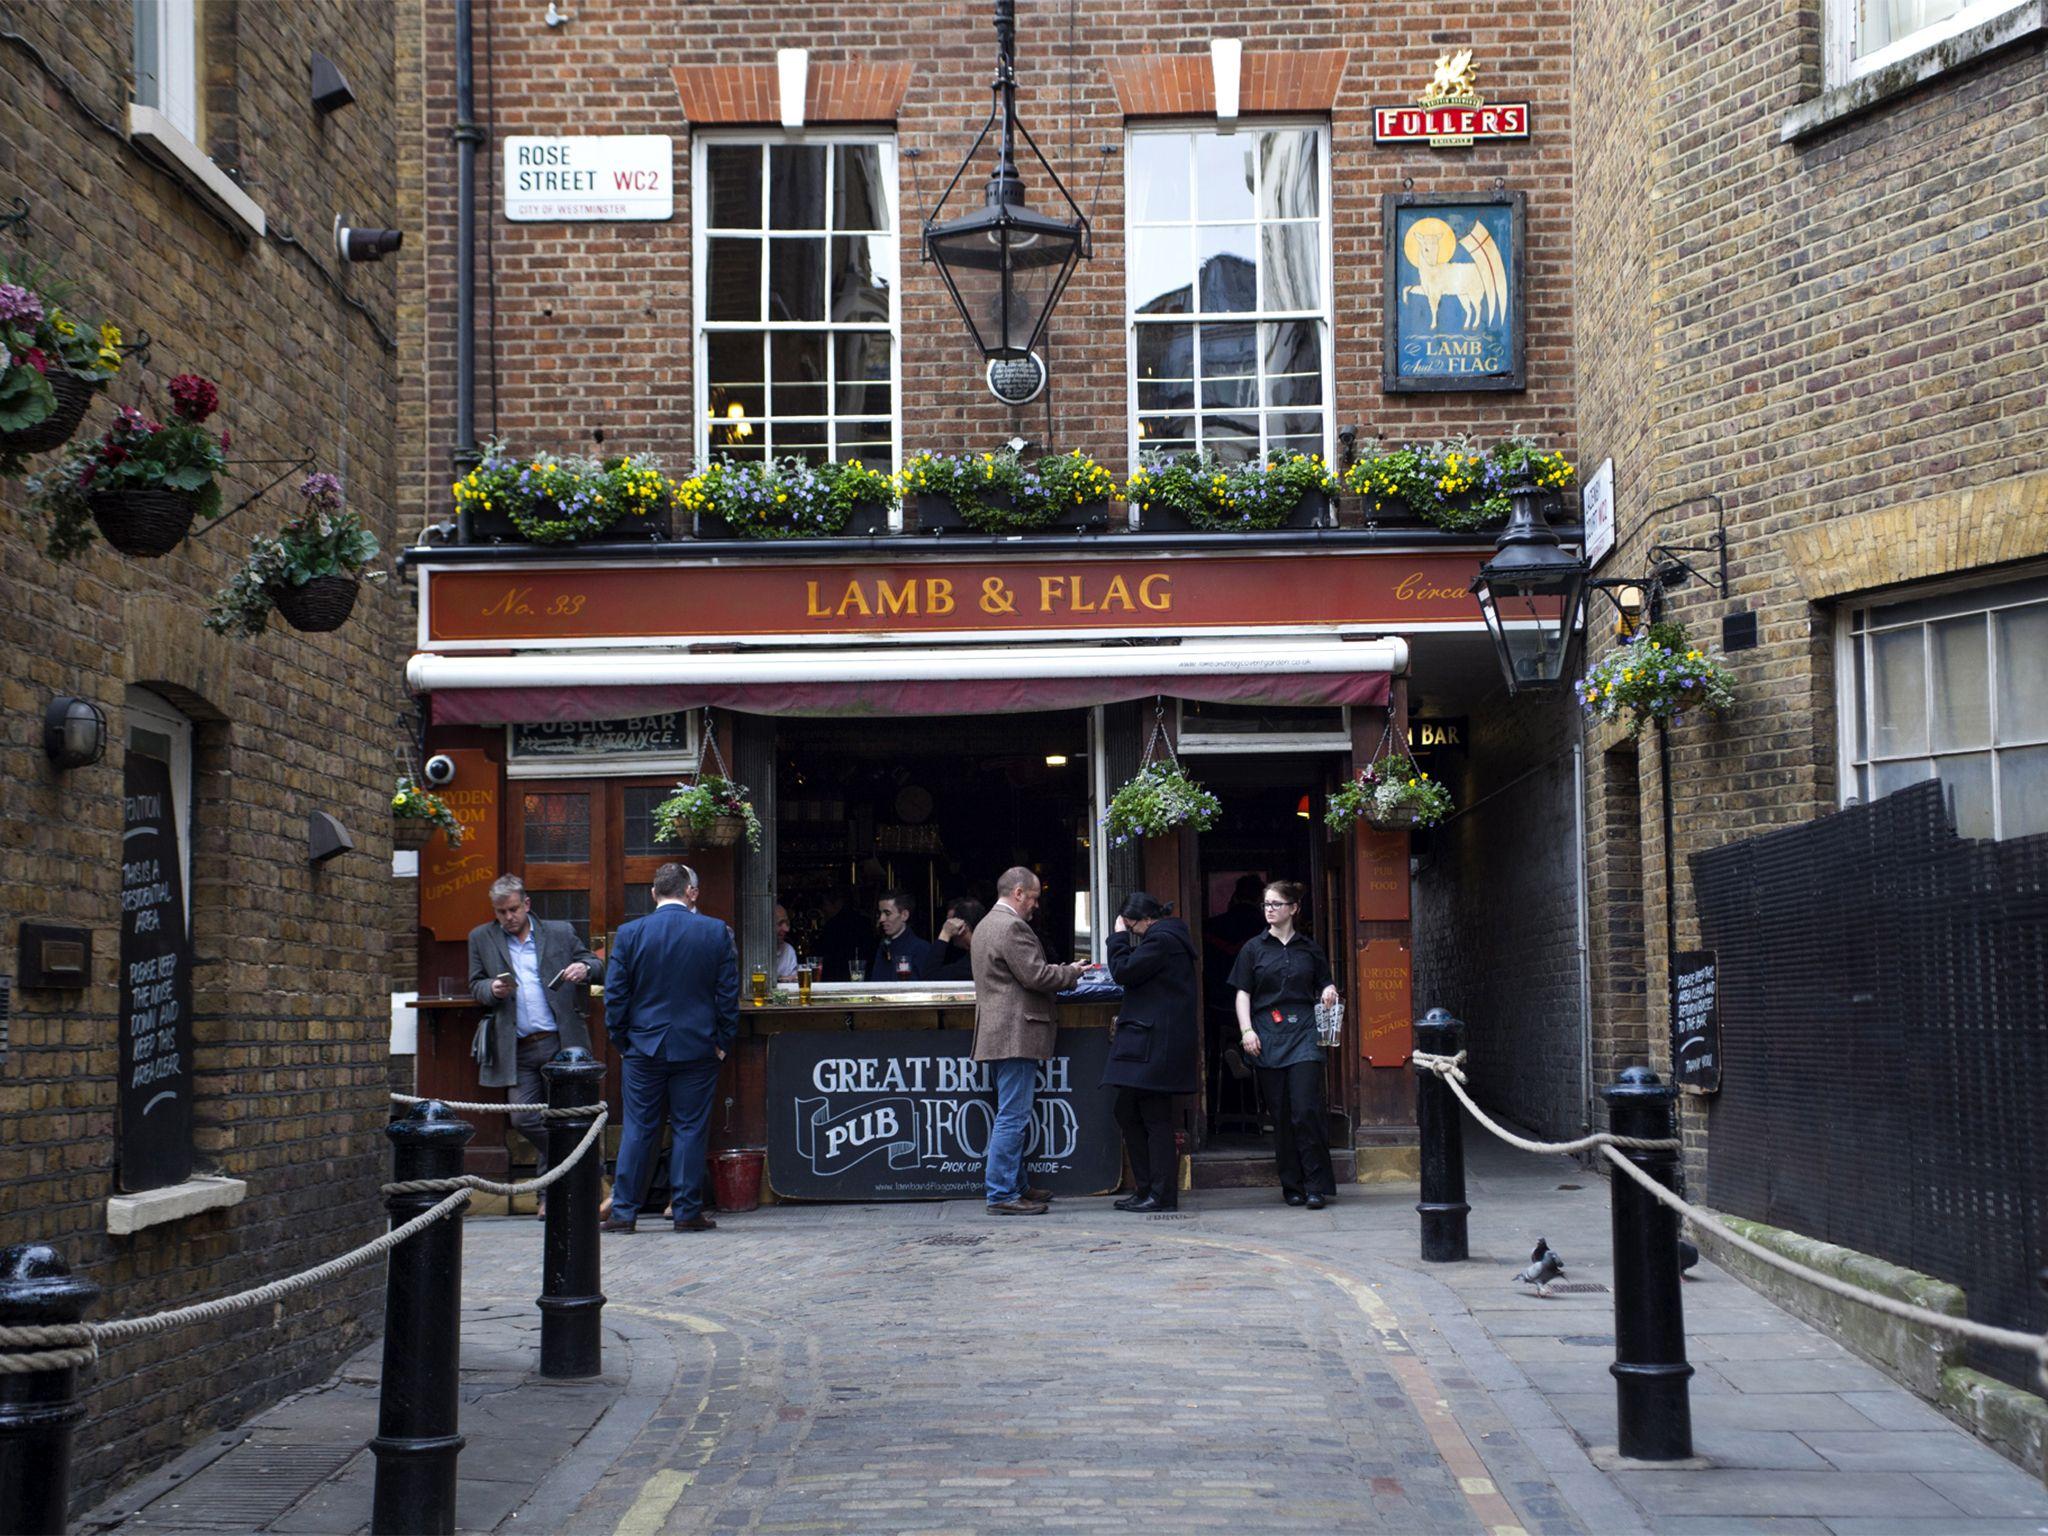 ca54d4ae221a22f1b4dee24dc5b244e4 - Central London Pubs With Beer Gardens